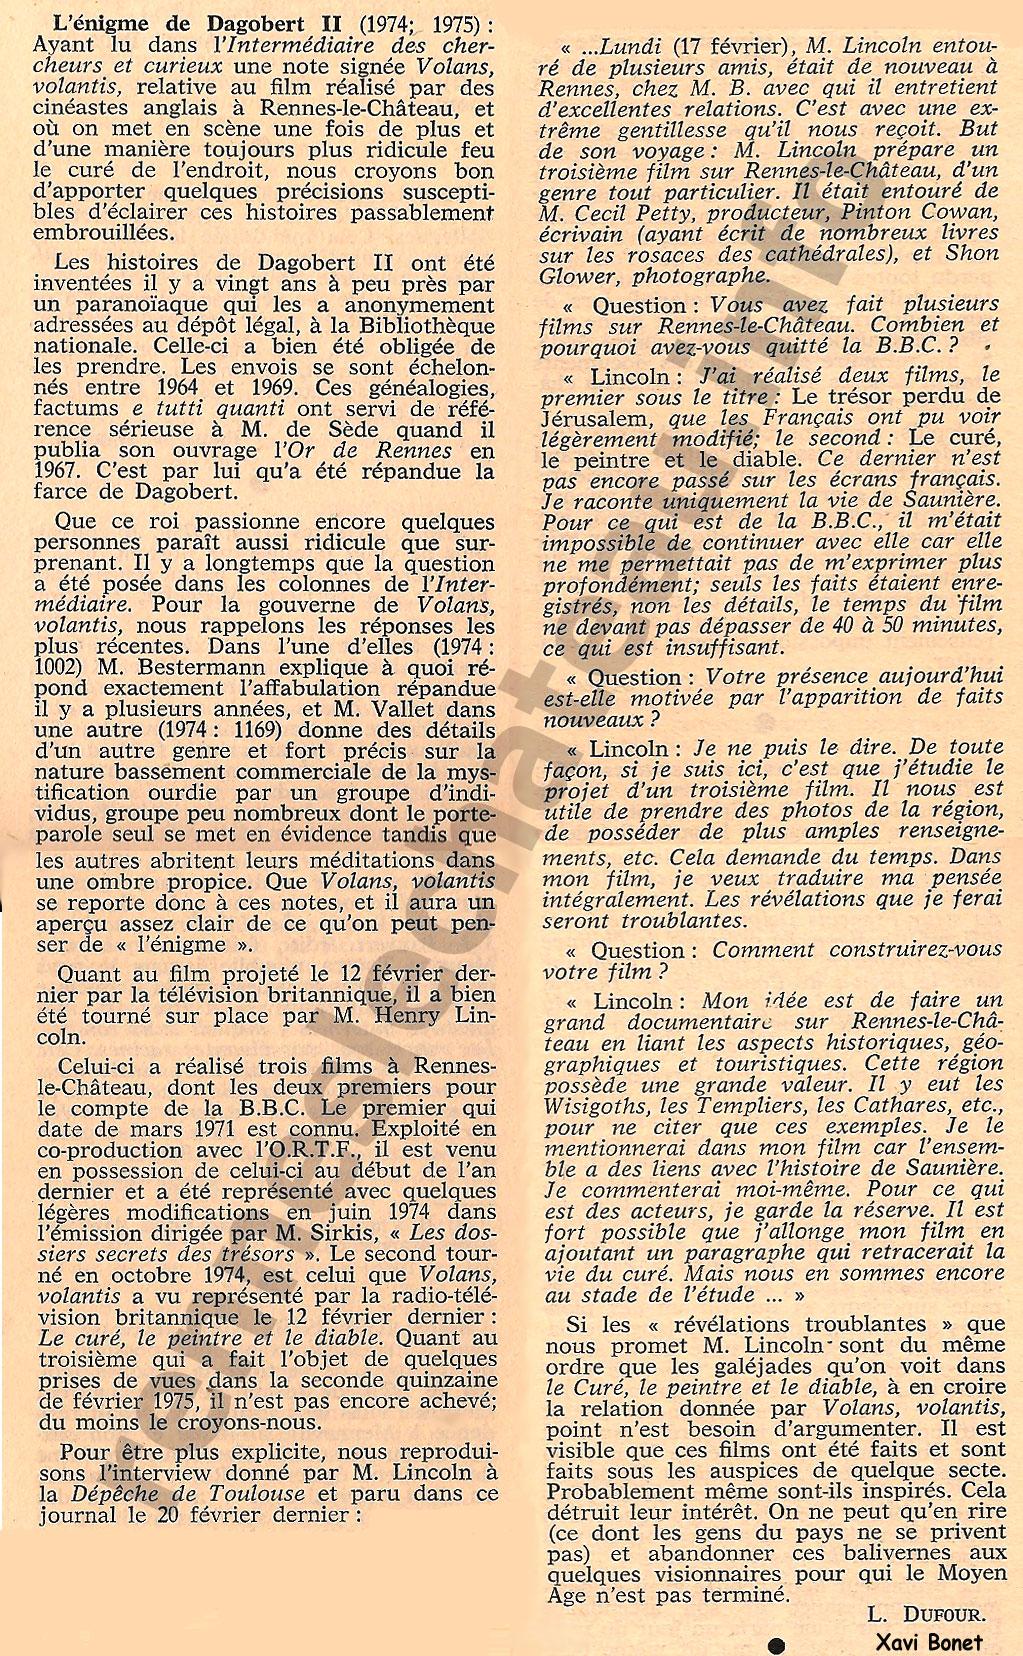 1975-ICCn298col64-65-66, L'énigme de Dagobert II